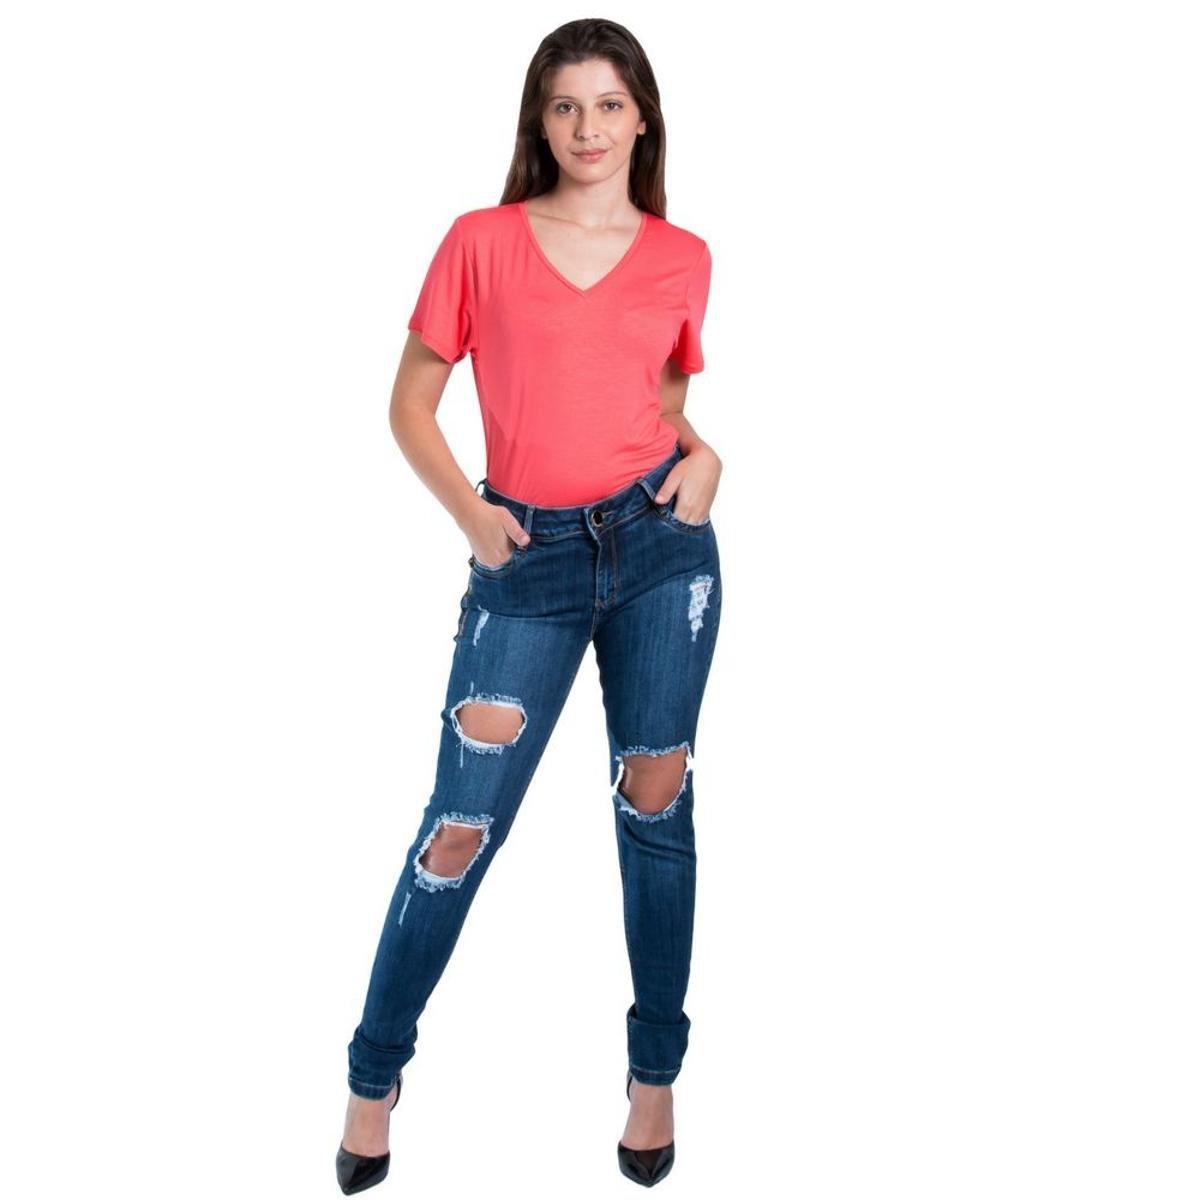 cac39ece4 Calça Morena Rosa Skinny Andréia Cós Intermediário Assinatura Feminina -  Azul - Compre Agora